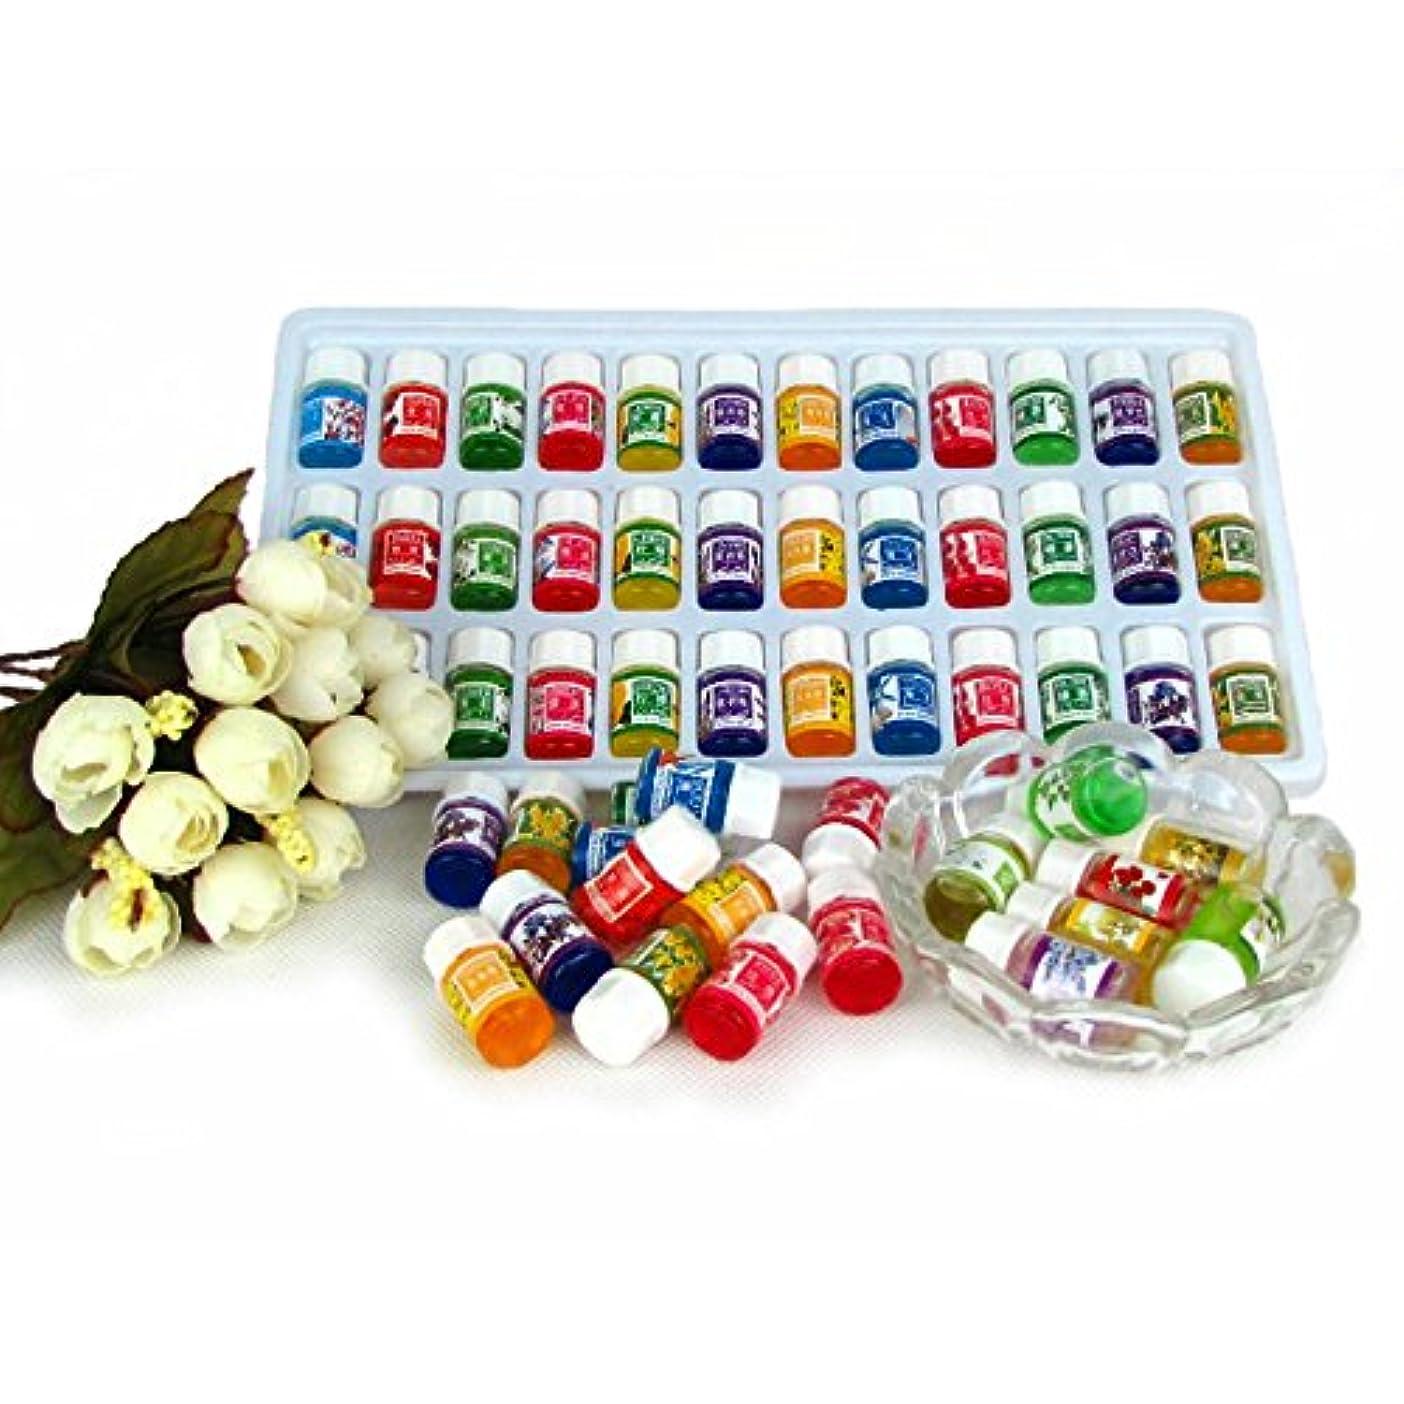 Hongch ピュアラベンダーエッセンシャルオイル 毎日パックセット ナチュラル36pcs / lot 水溶性 12種類の香り 毎日